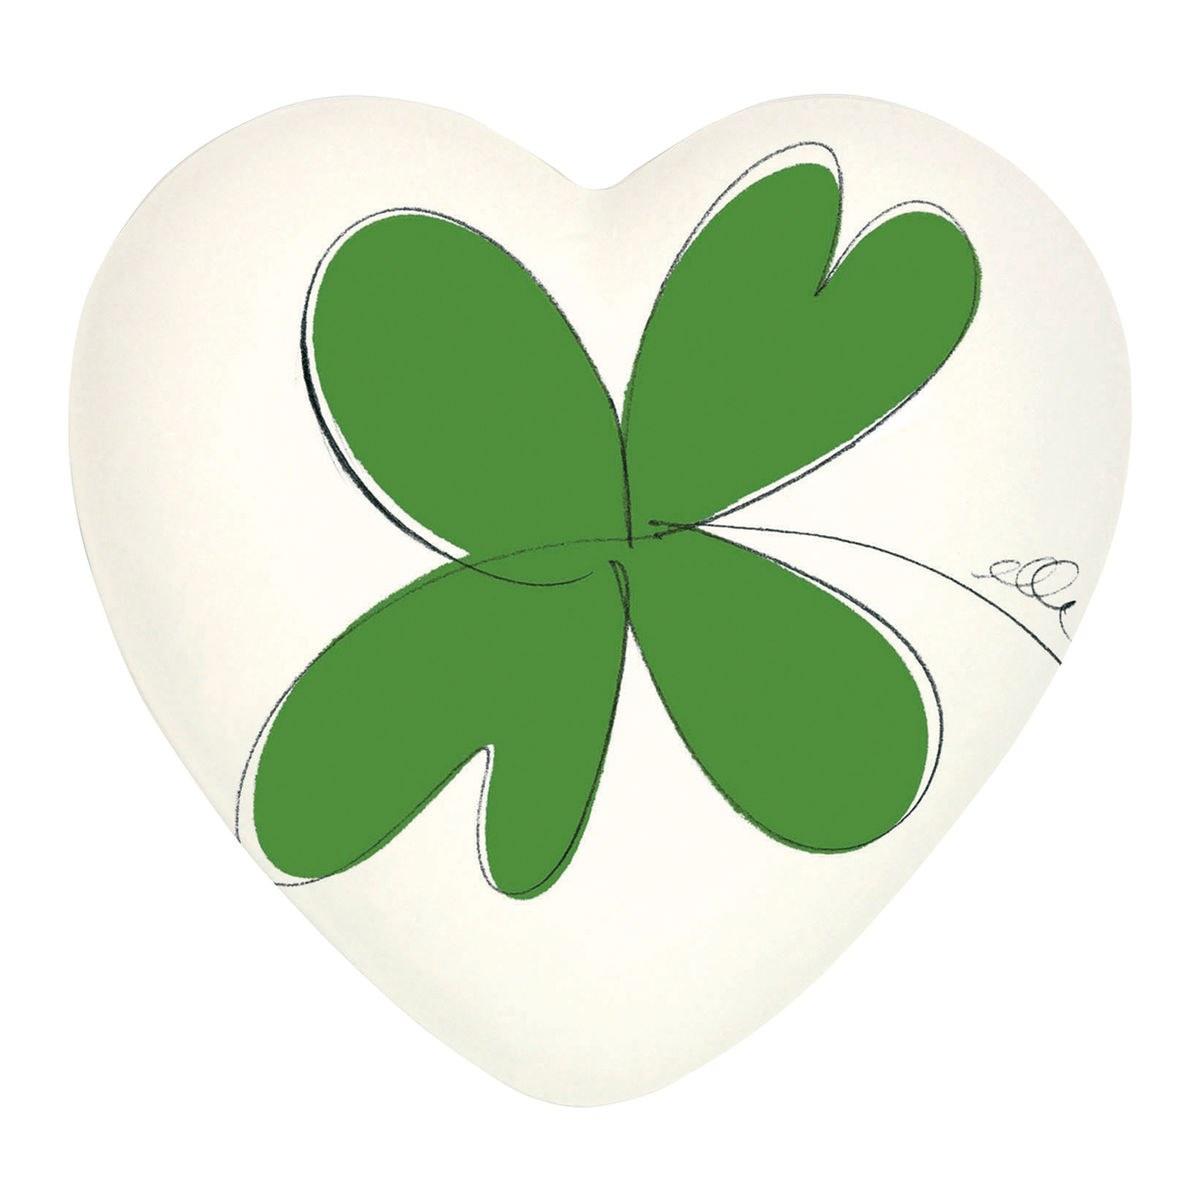 Heart good luck